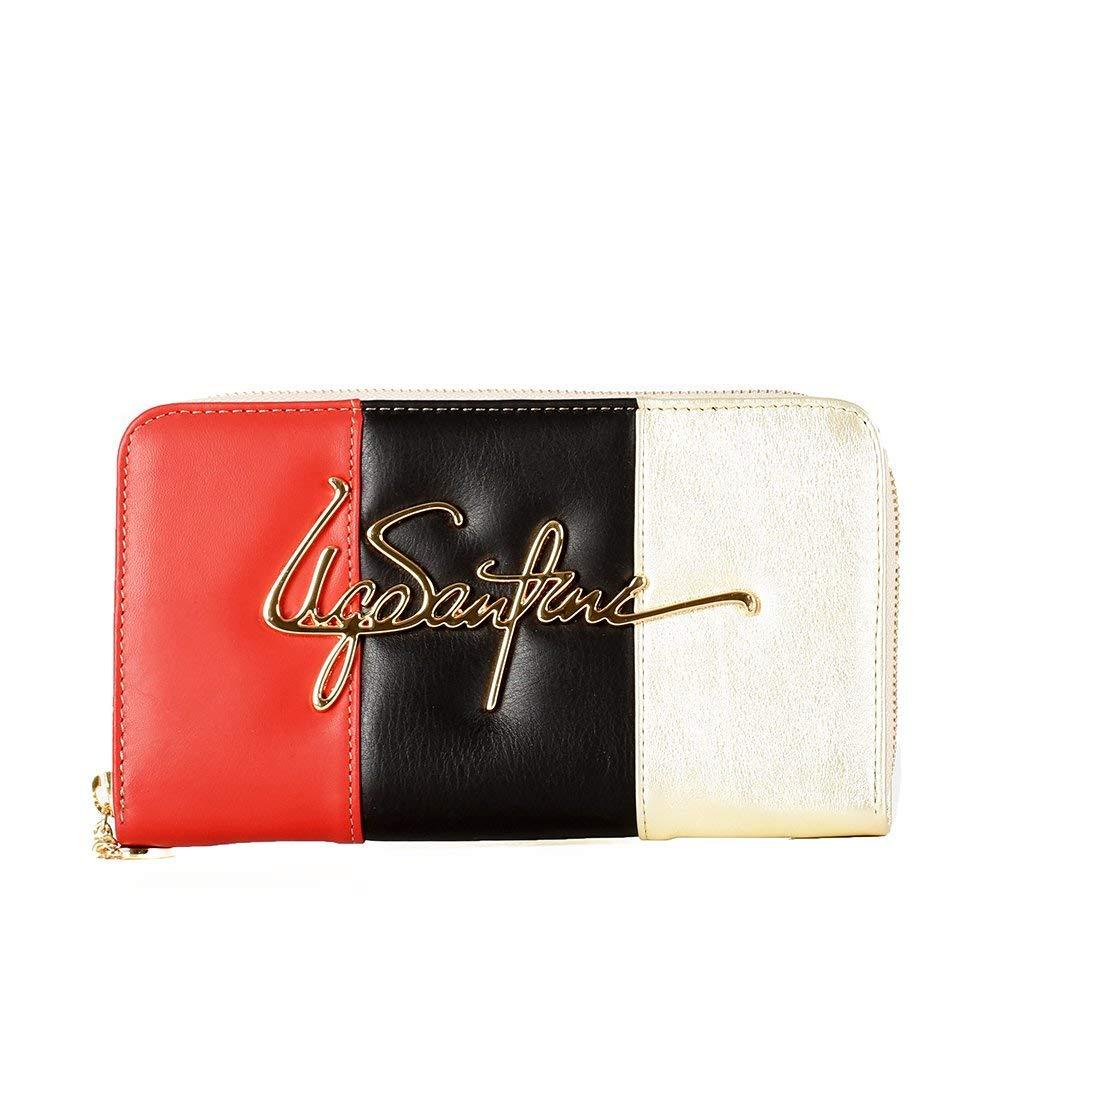 Ugo Santini Italian Leather...